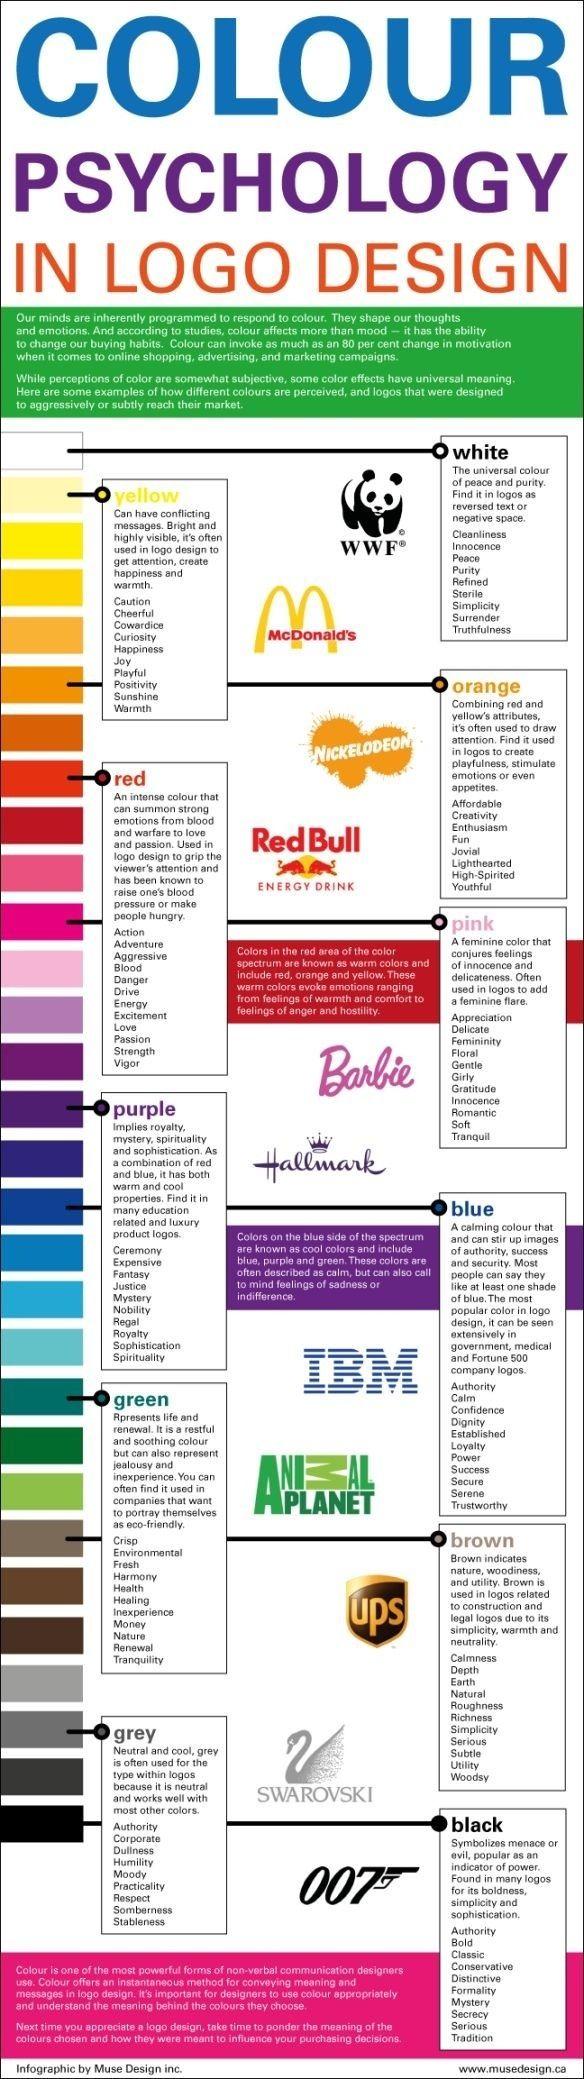 Kleuren psychologie in diverse logo's van grote en bekende multinationals